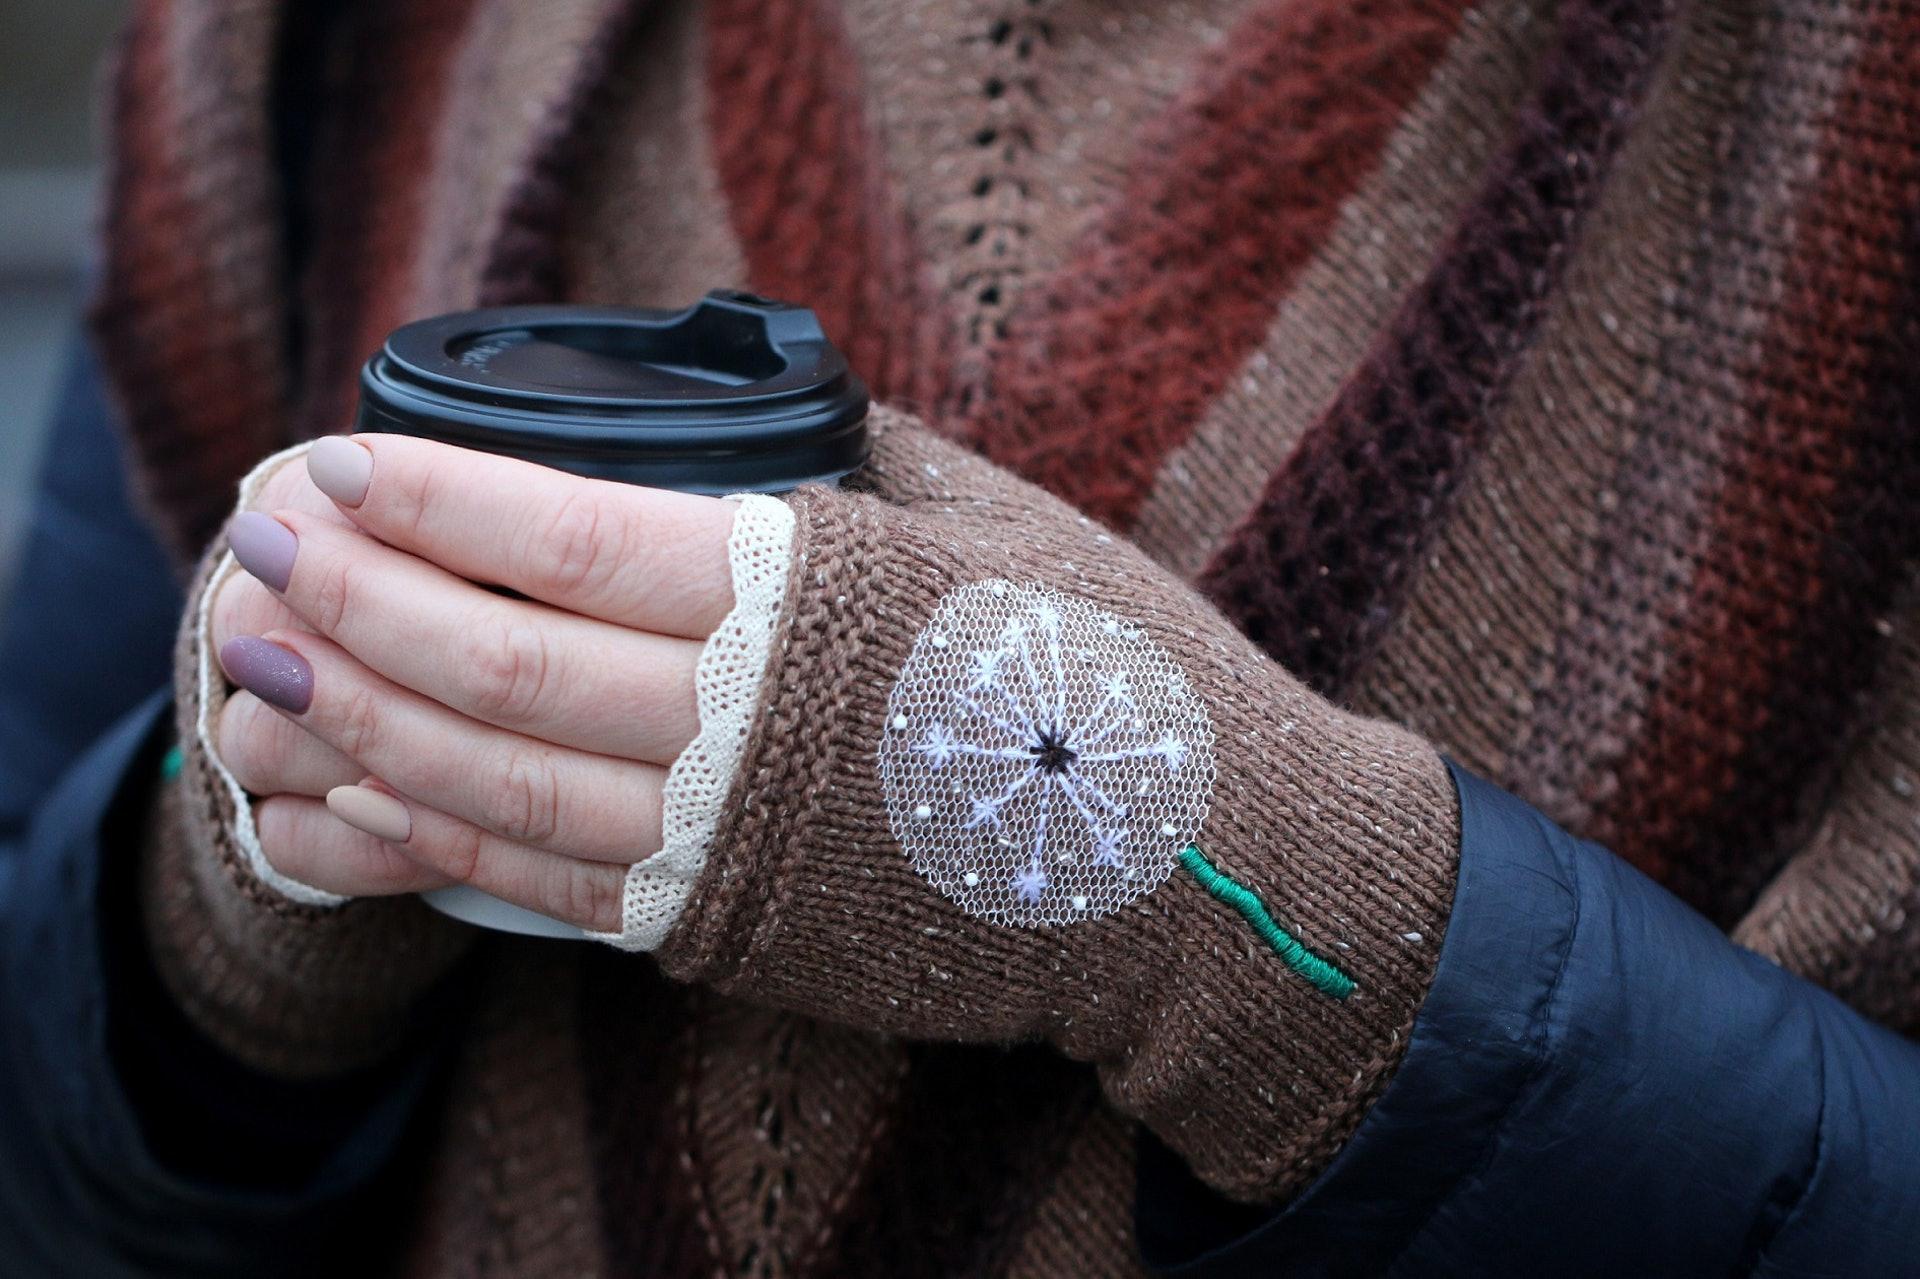 許多人雙手一到冬天就像「雪條」般冰凍,適當的穴位治療就有助改善這情況。(Valeriy Borzov/unsplash)